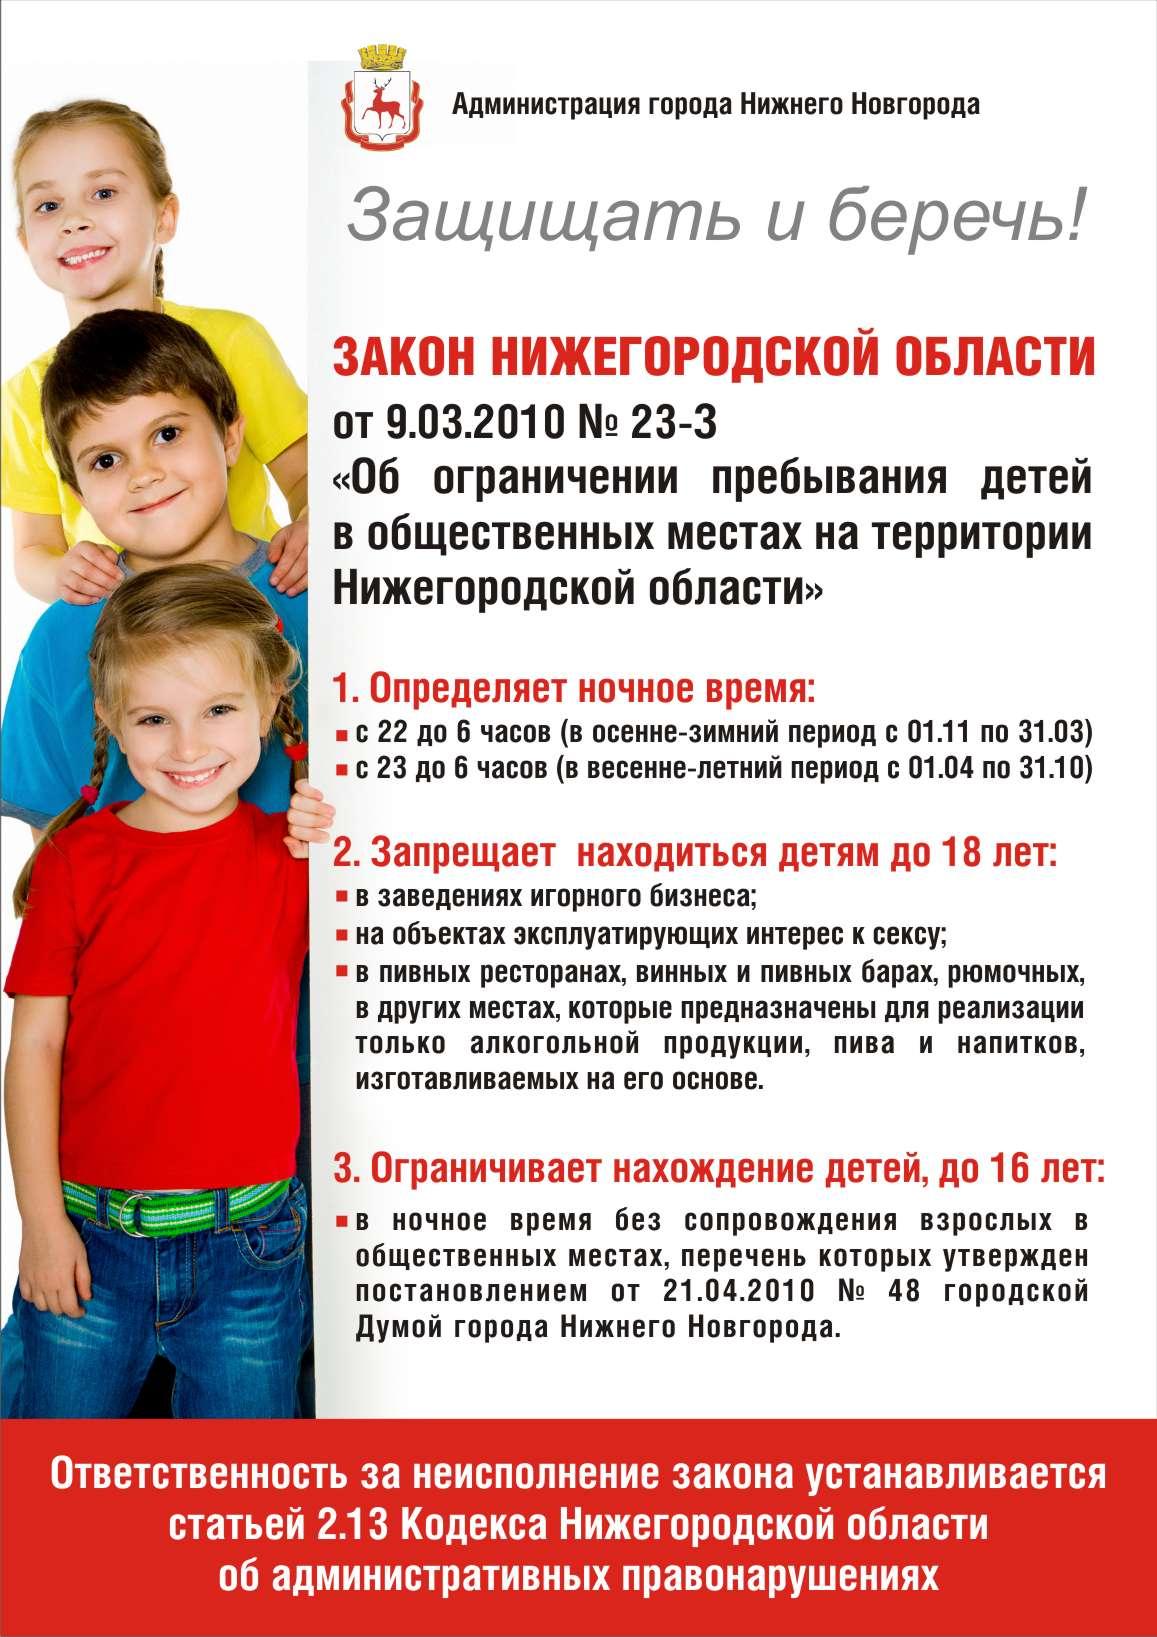 22 часа ваши дети дома фото